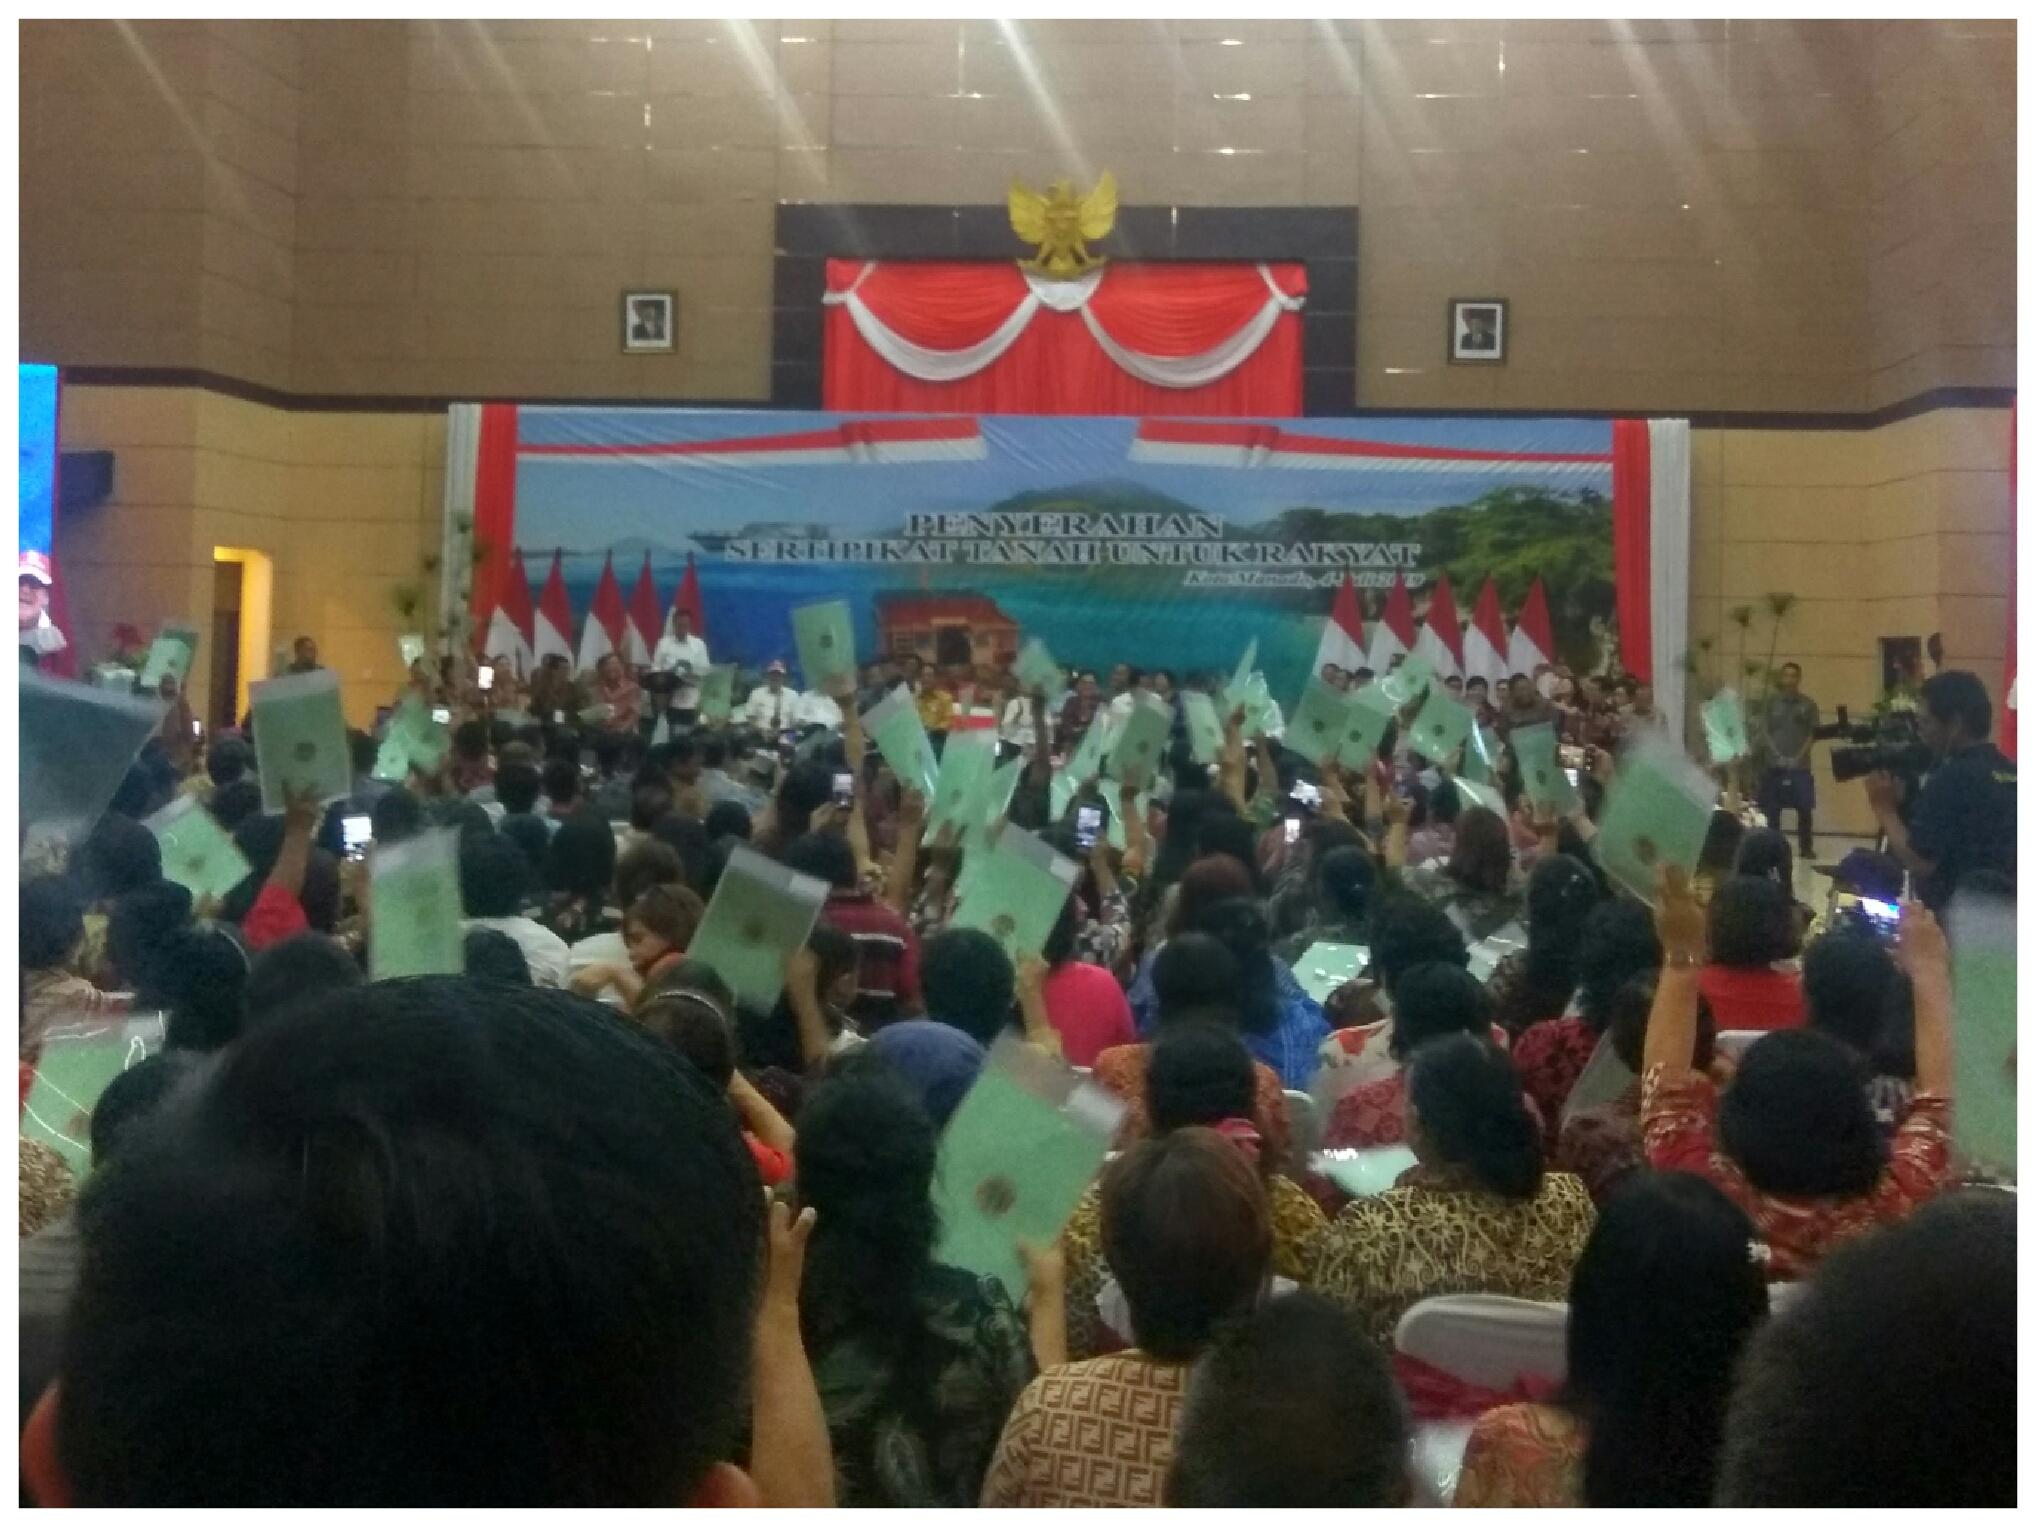 Jokowi: Pilpres Telah Selesai, Mari Bersatu, Jangan tidak Saling Sapa Hanya Karena Beda Pilihan